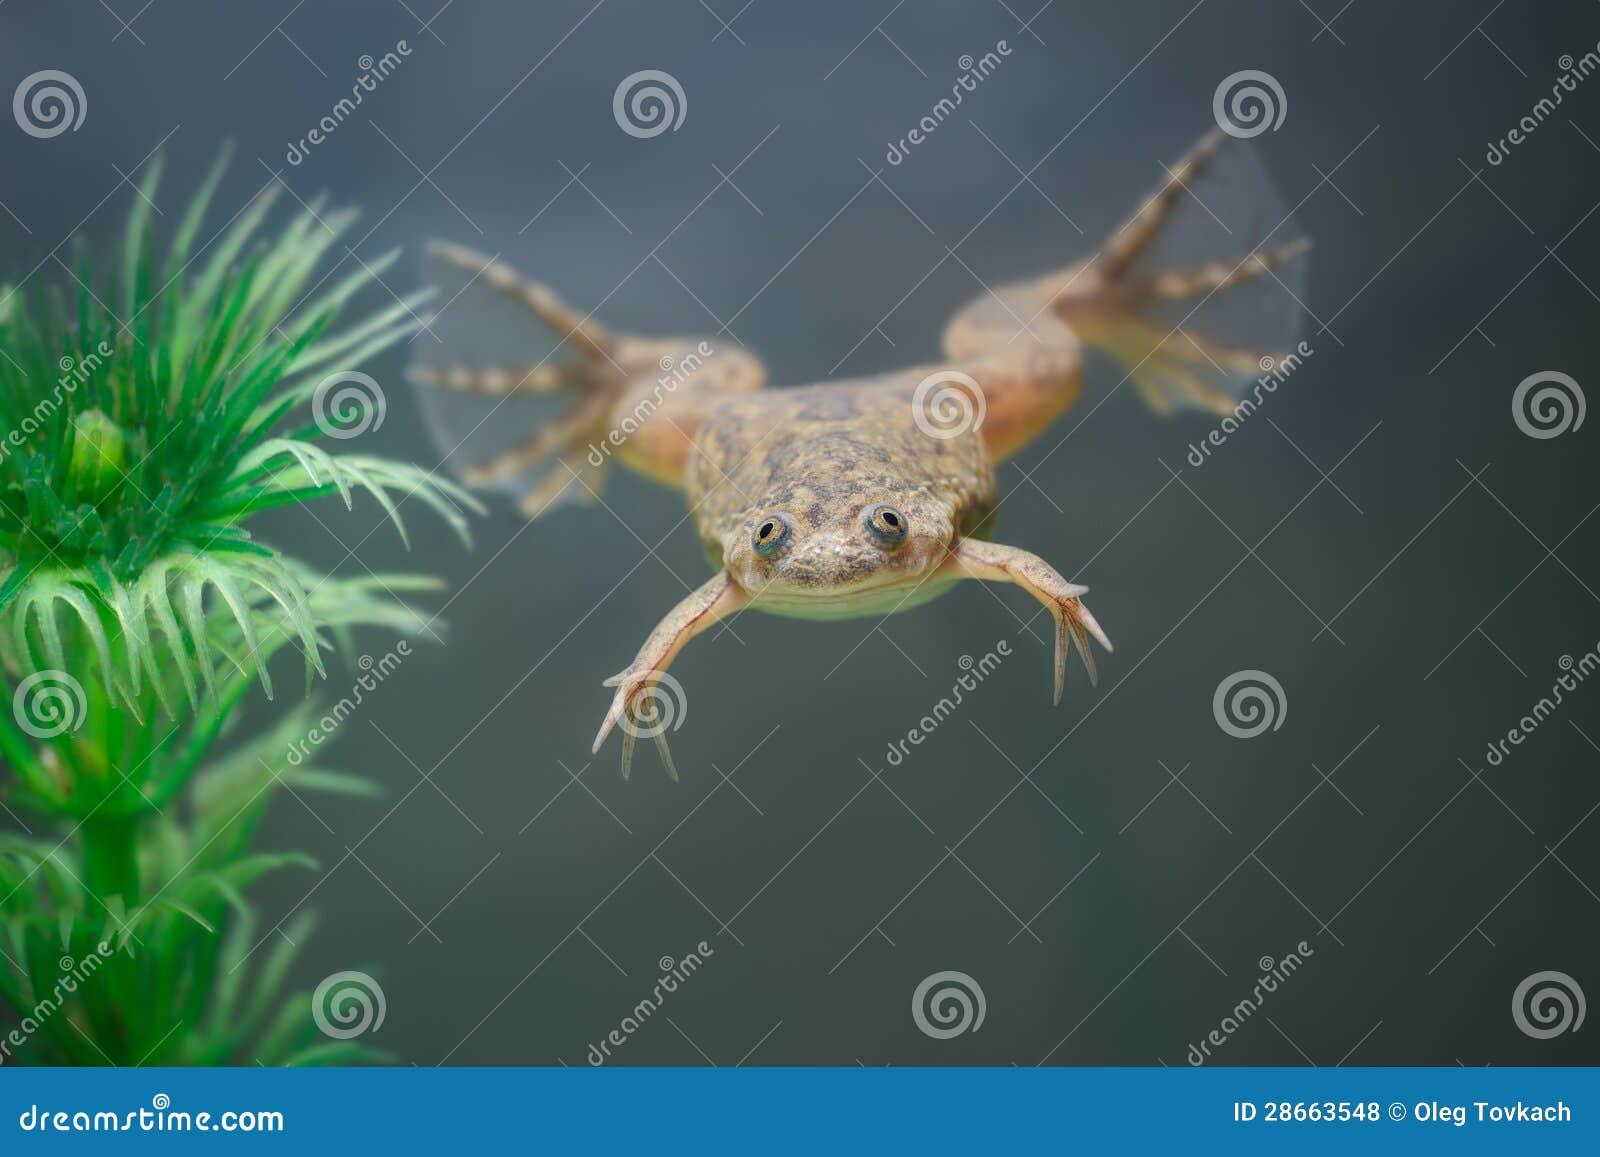 在水之下的黄色青蛙游泳在水族馆.图片